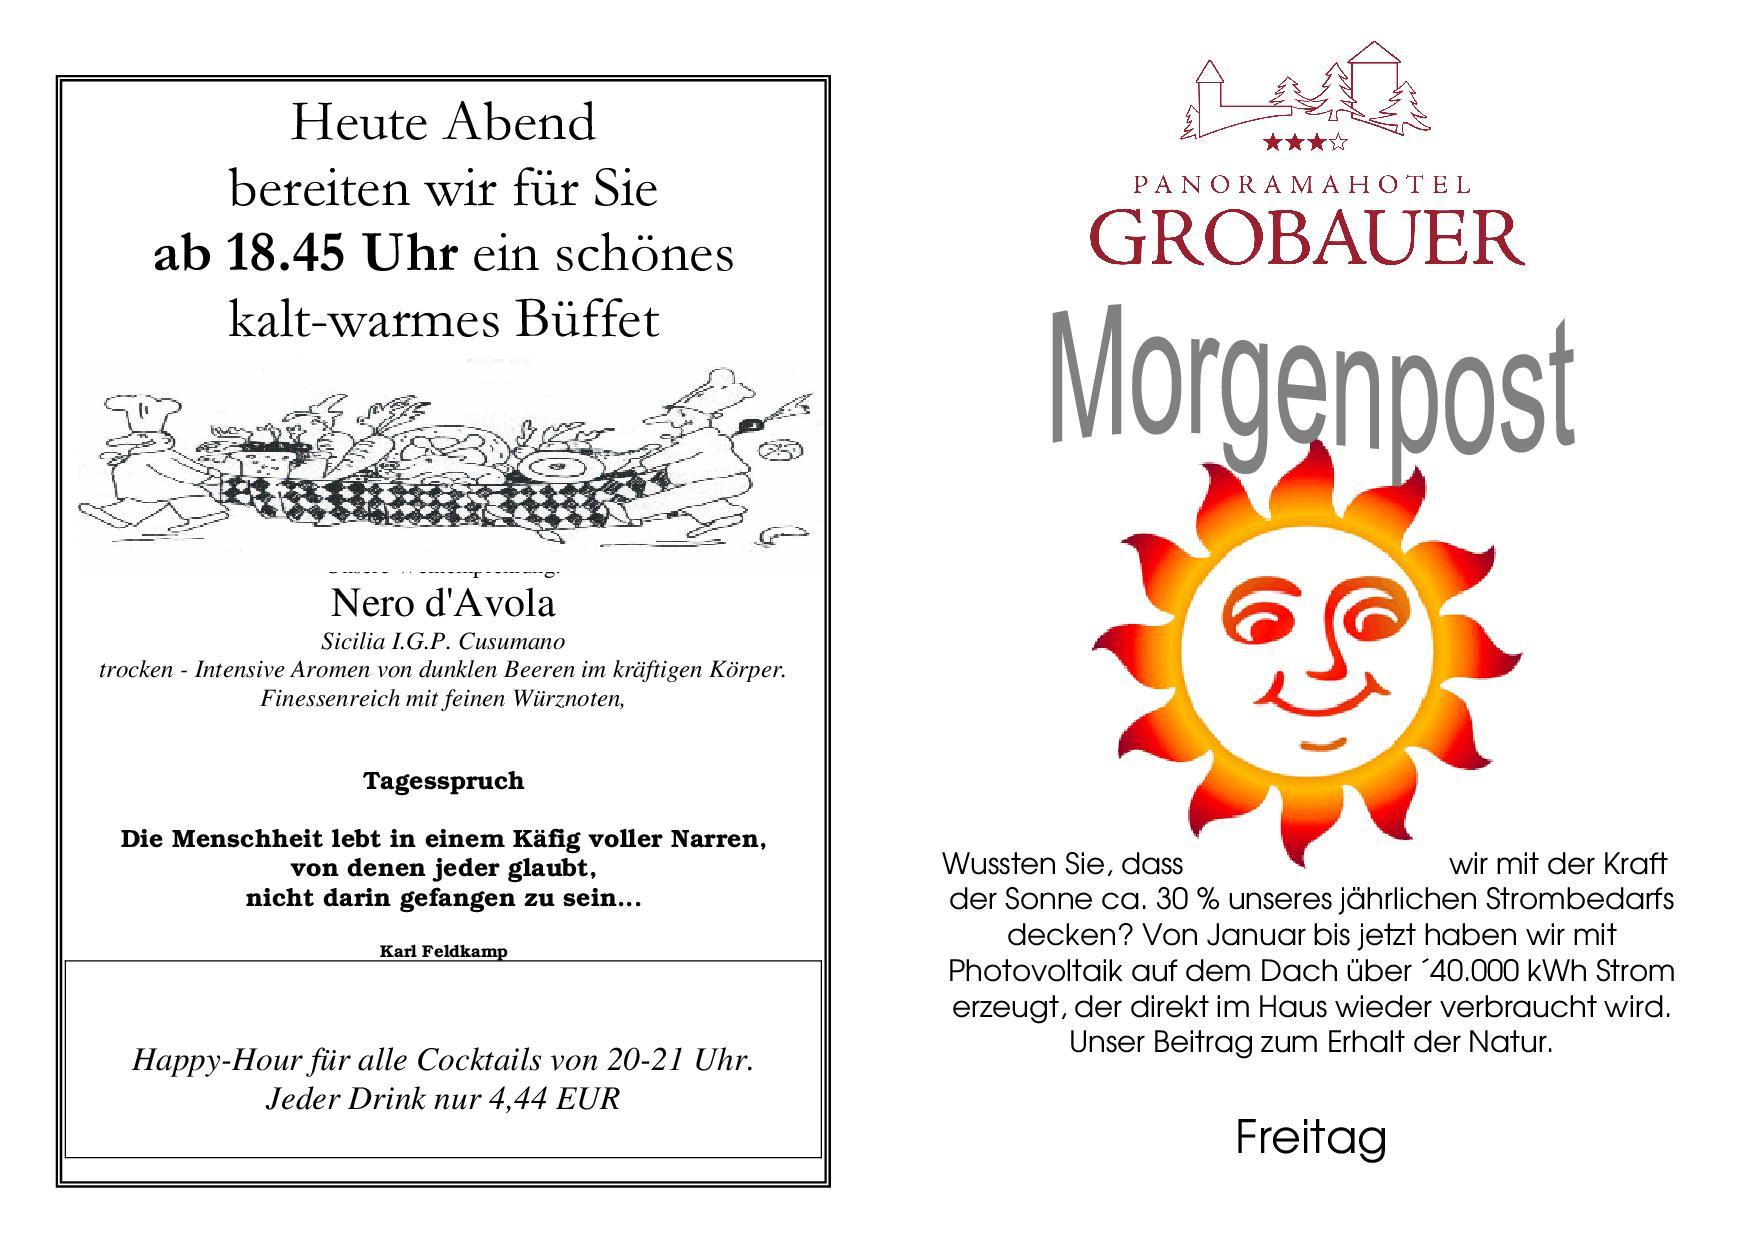 Morgenpost Hotel Und Berggasthof Grobauer Am Nationalpark